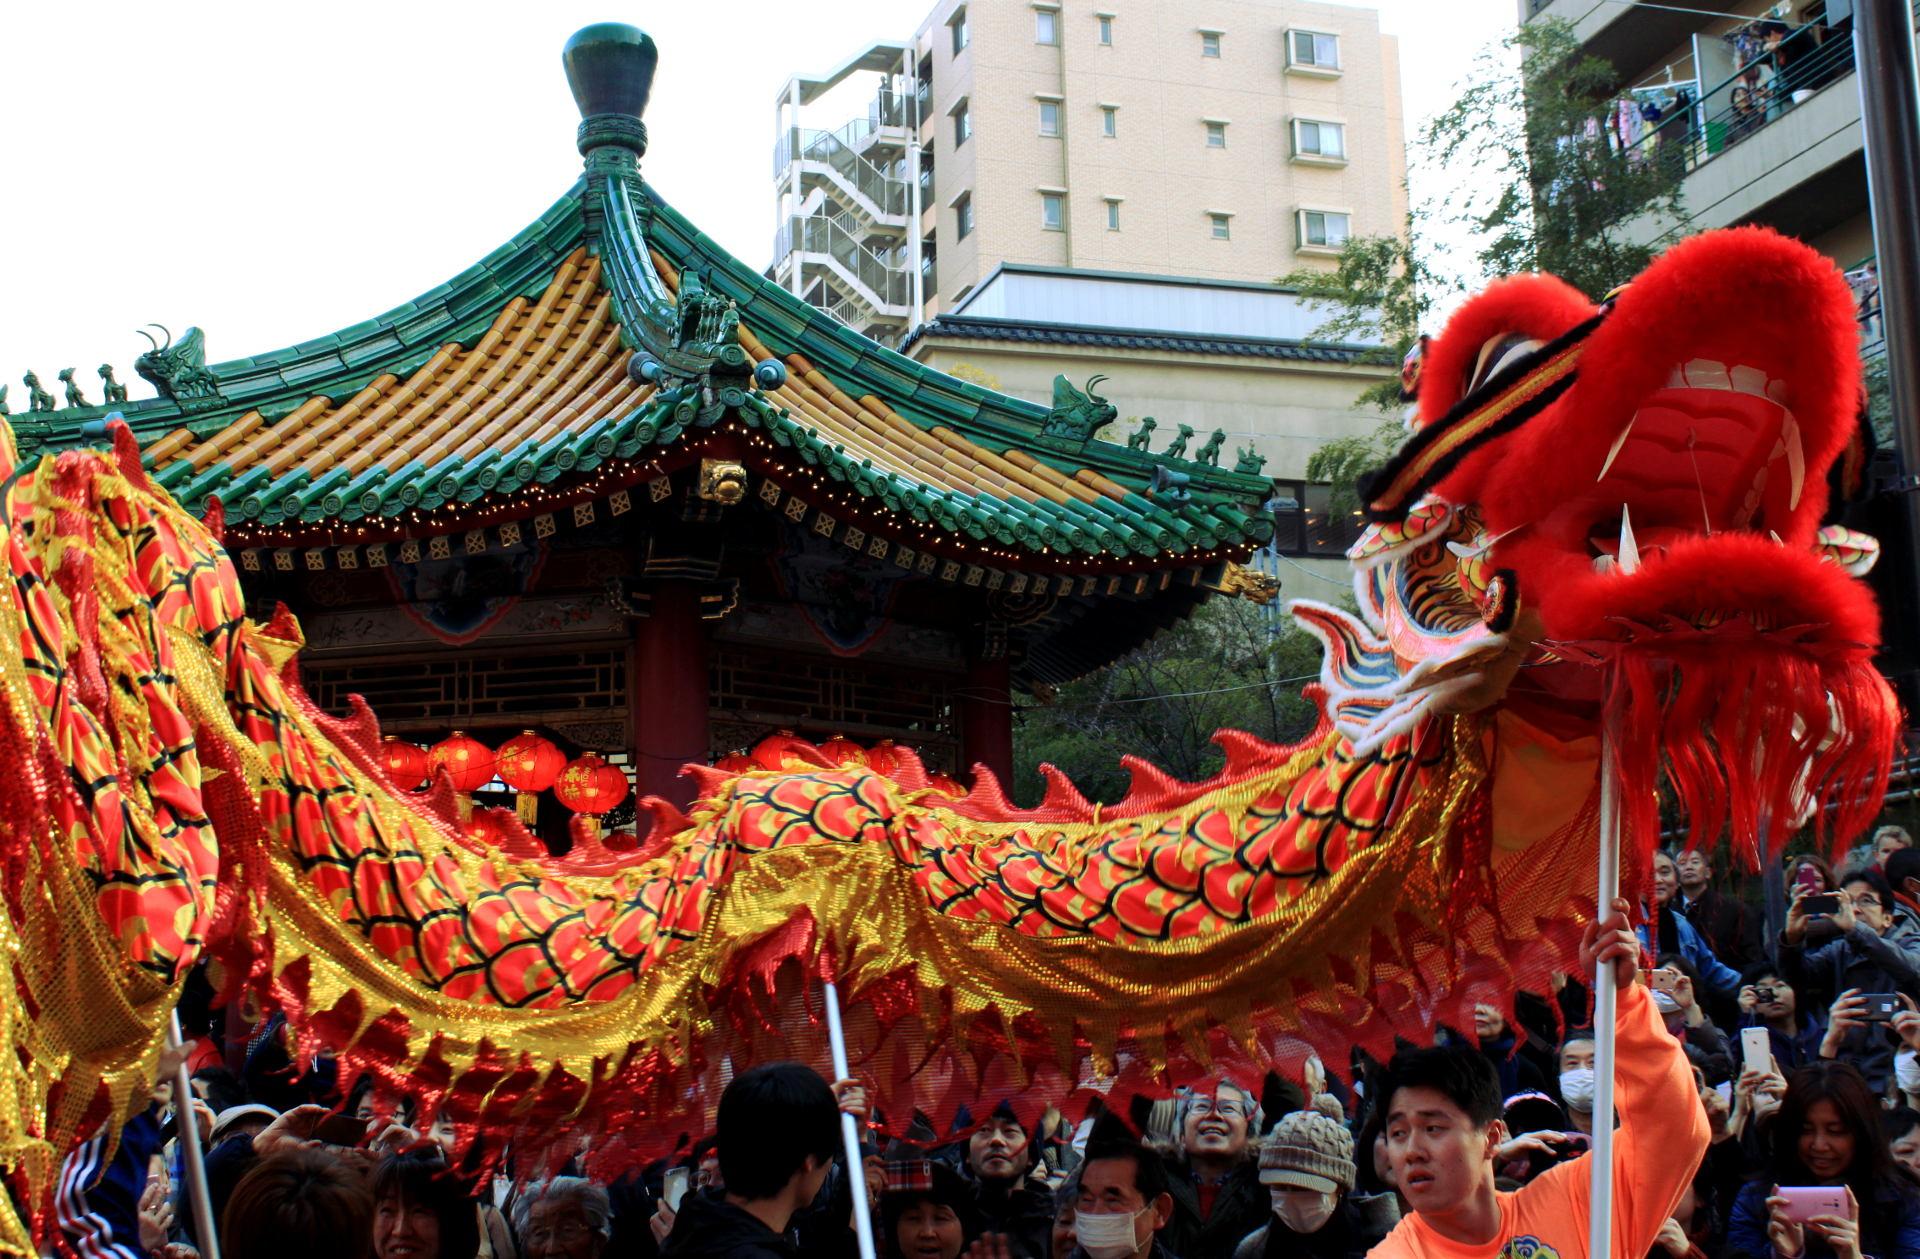 yokohama święto nowy rok parada smok chiński chinatown chinska dzielnica iglawpodrozy